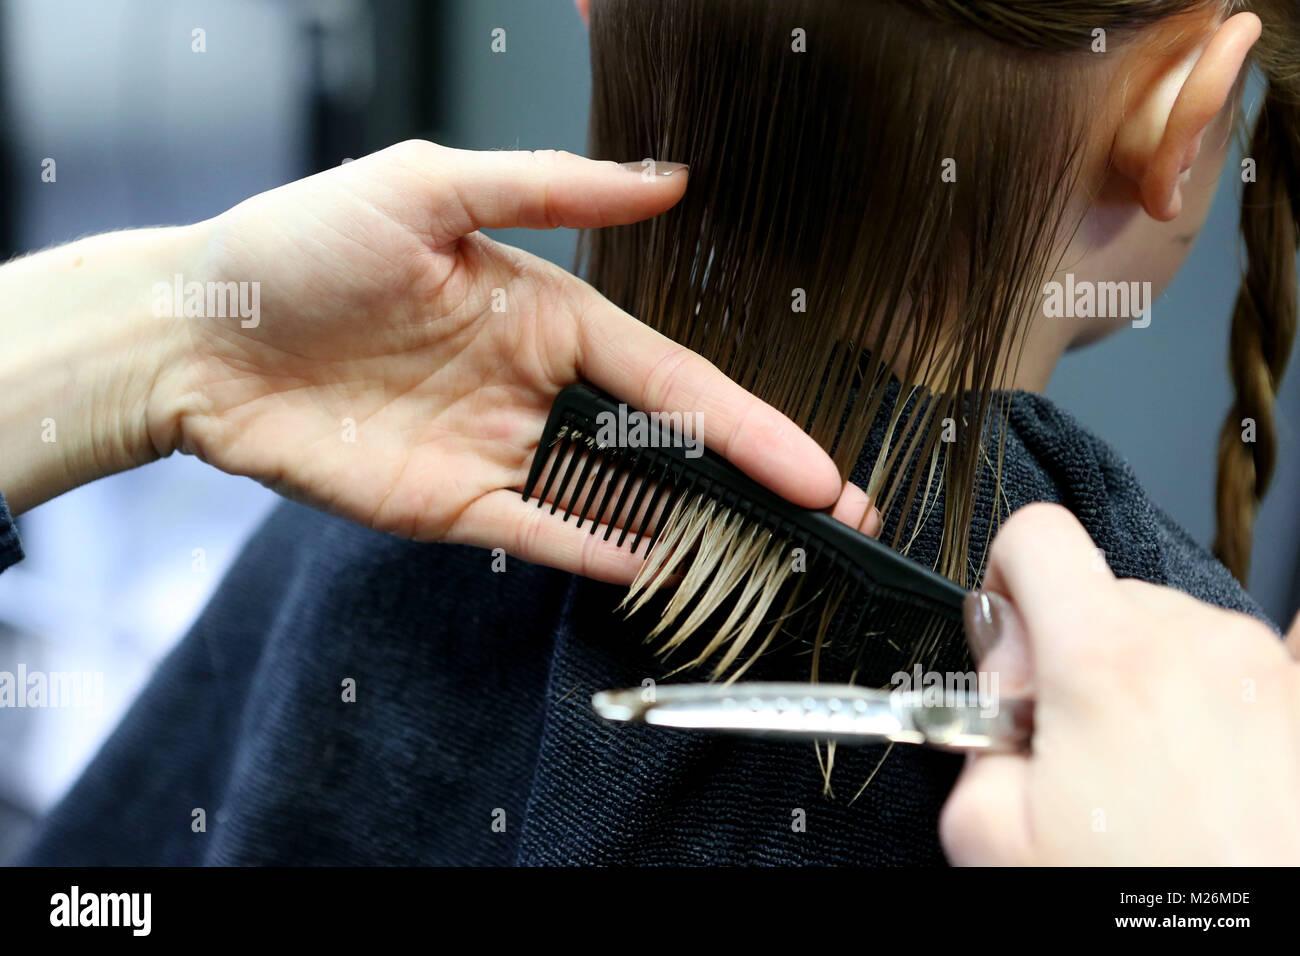 Le Mans Ouest France 2014 12 03 Jeune Femme Un Apprenti Une Coupe De Cheveux De La Femme Photo Stock Alamy